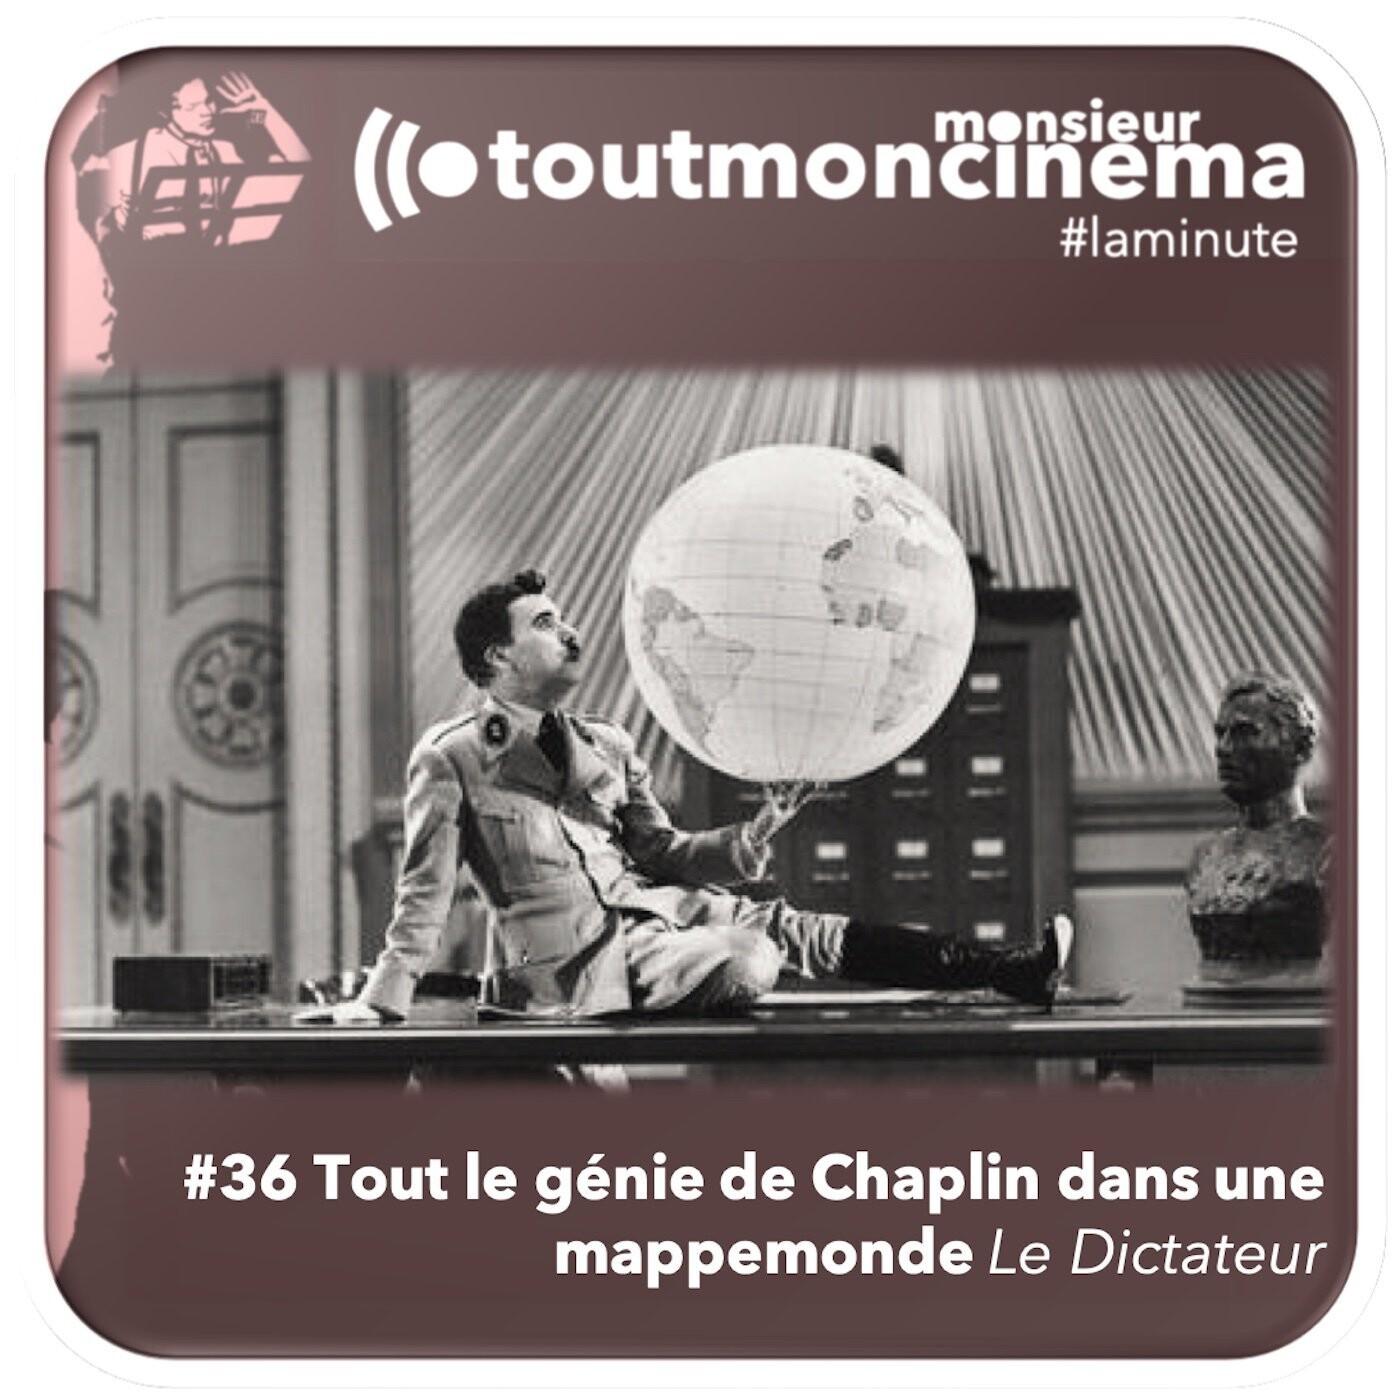 #36 Tout le génie de Chaplin dans une mappemonde (Le Dictateur